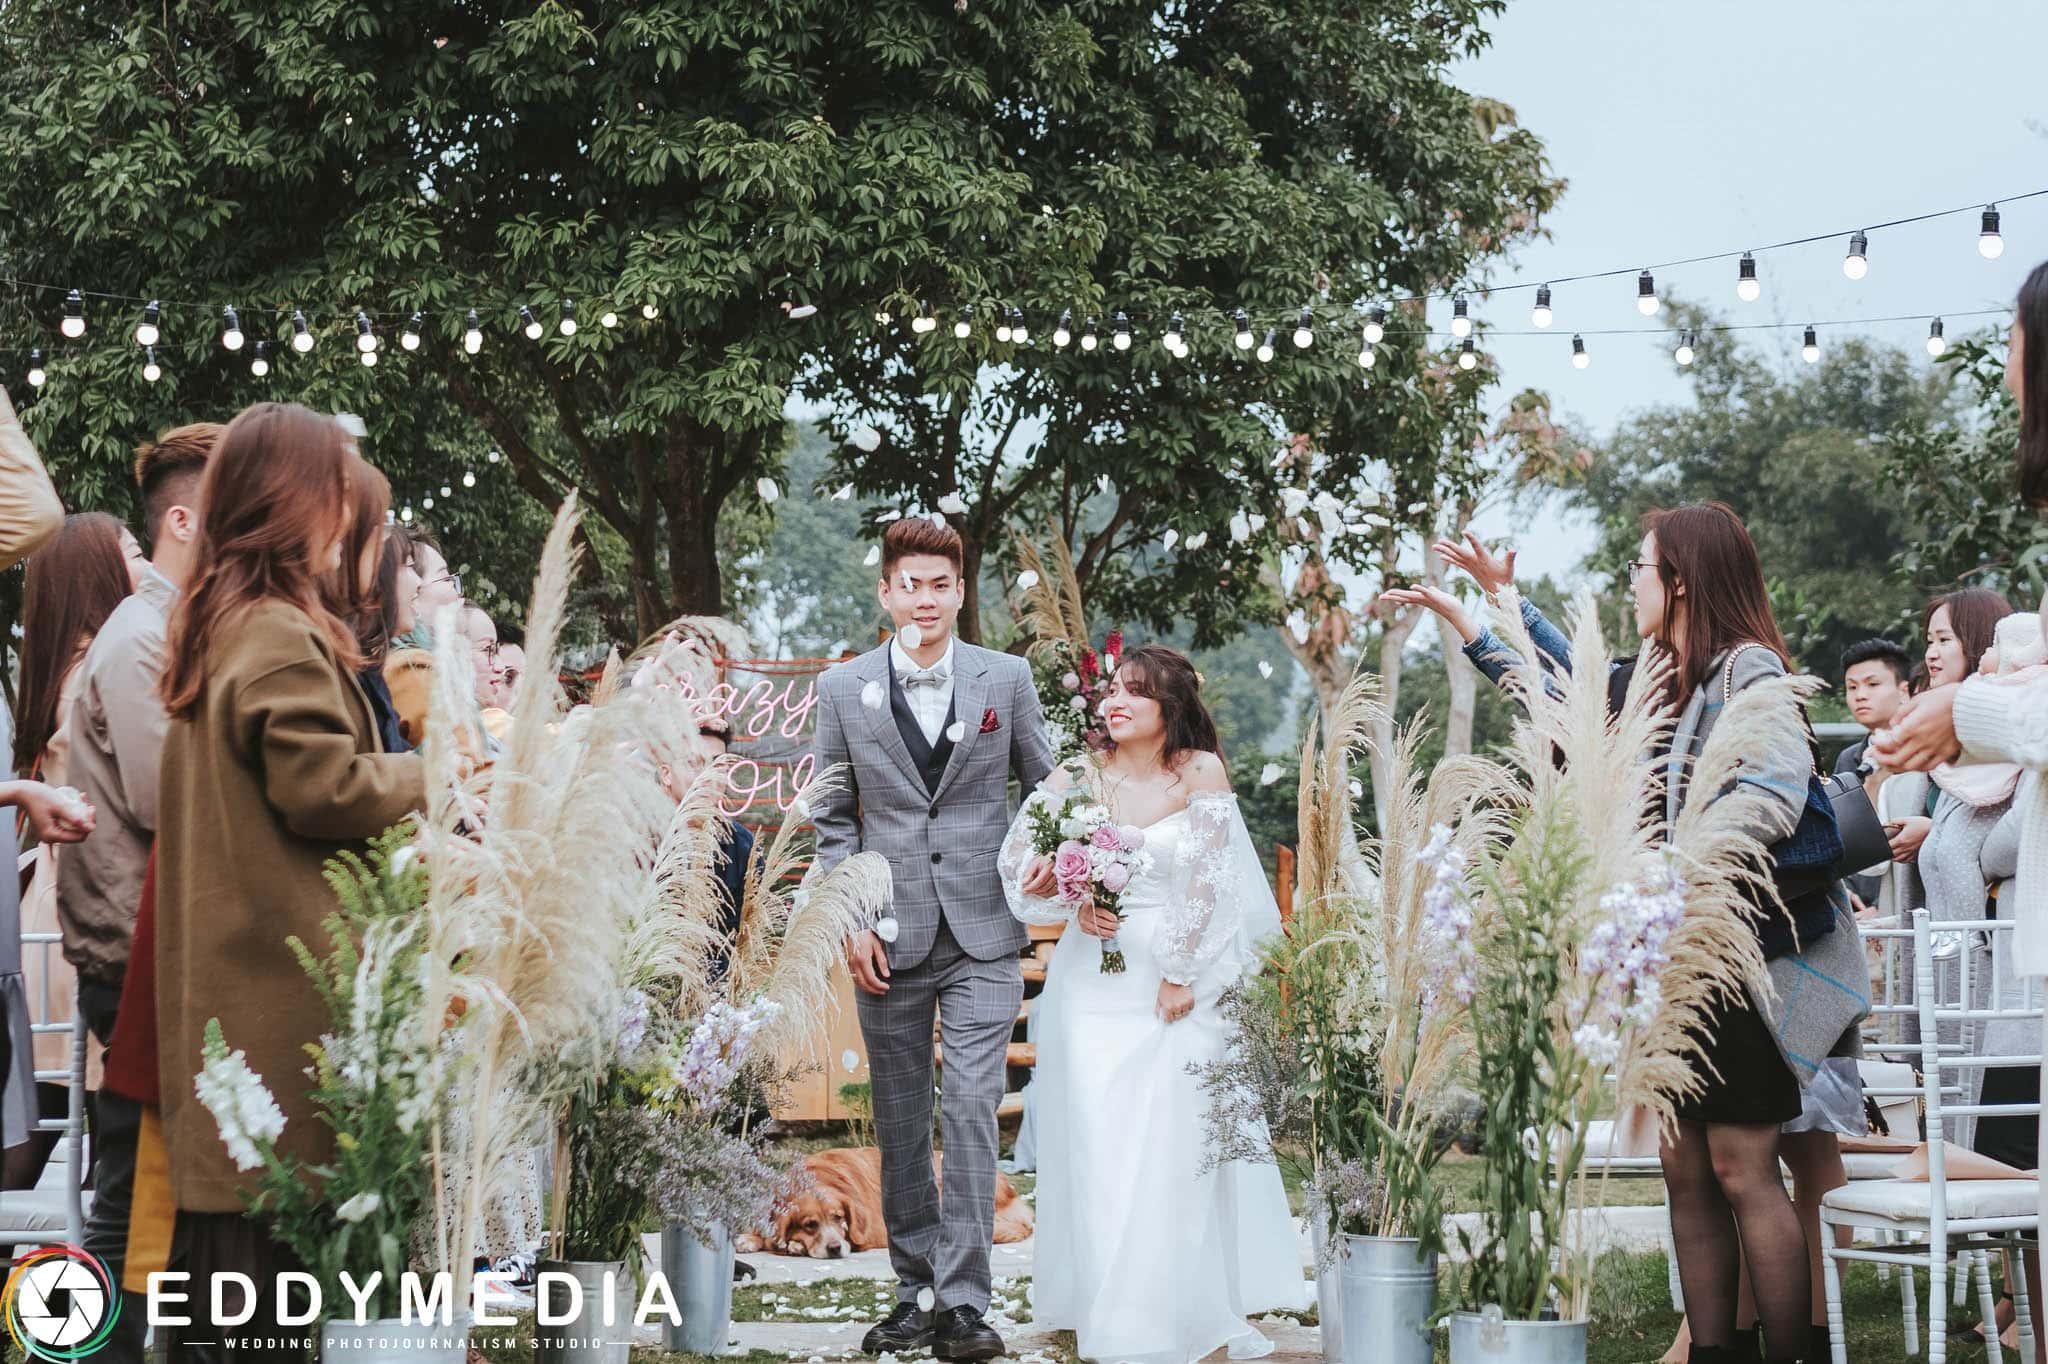 Có nên tổ chức đám cưới mùa dịch?